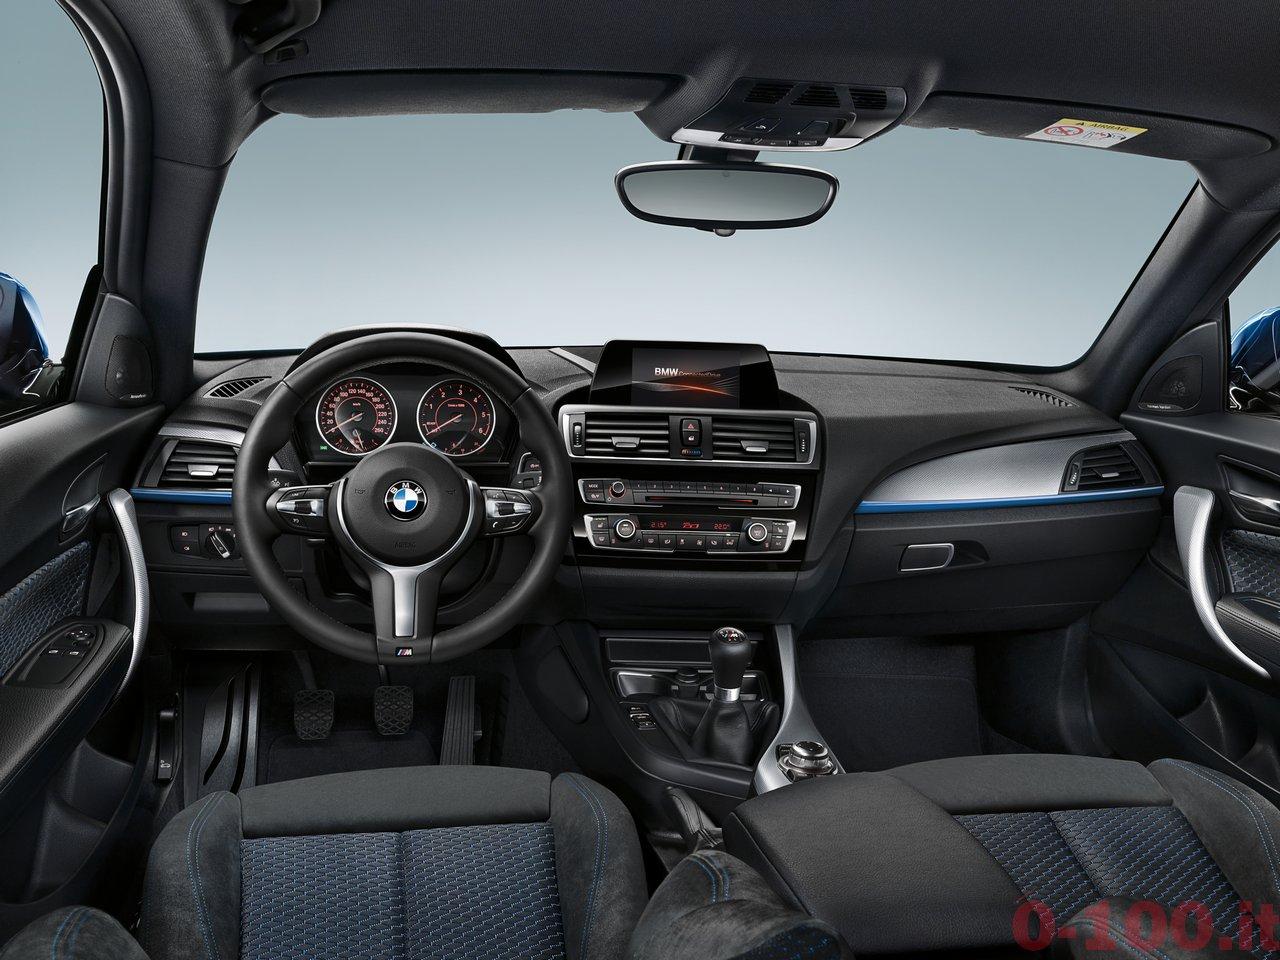 BMW-serie-1-2015_116d-118d-120d-125d-116i-118i-120i-125i-135i-0-100_53